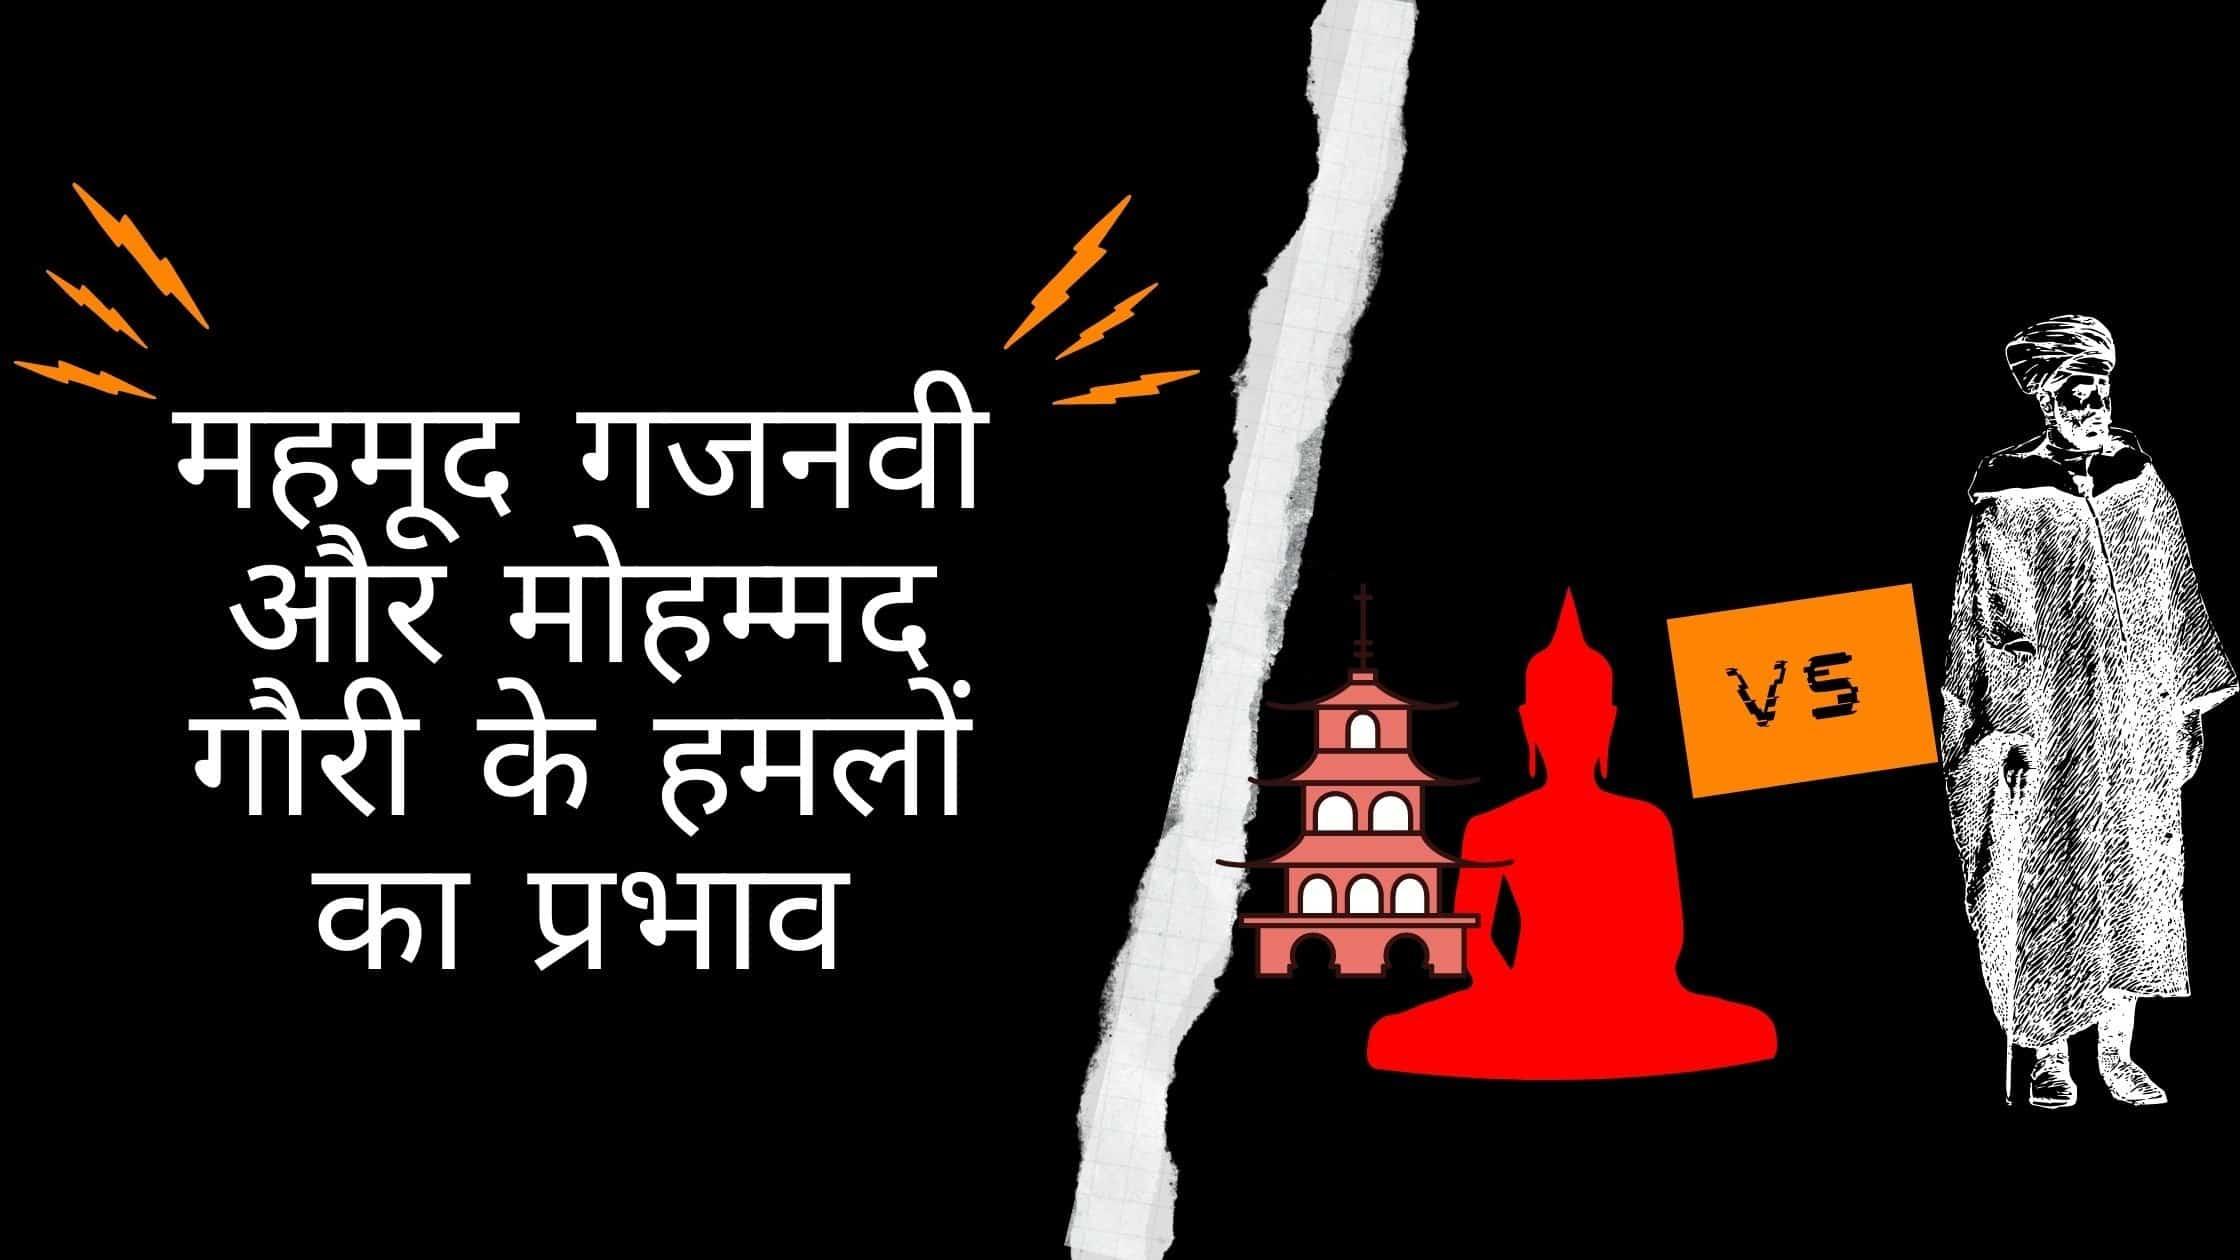 महमूद गजनवी और मोहम्मद गौरी के हमलों का प्रभाव (Effects The Ghaznavi's And Ghauri's Invasions In Hindi)-